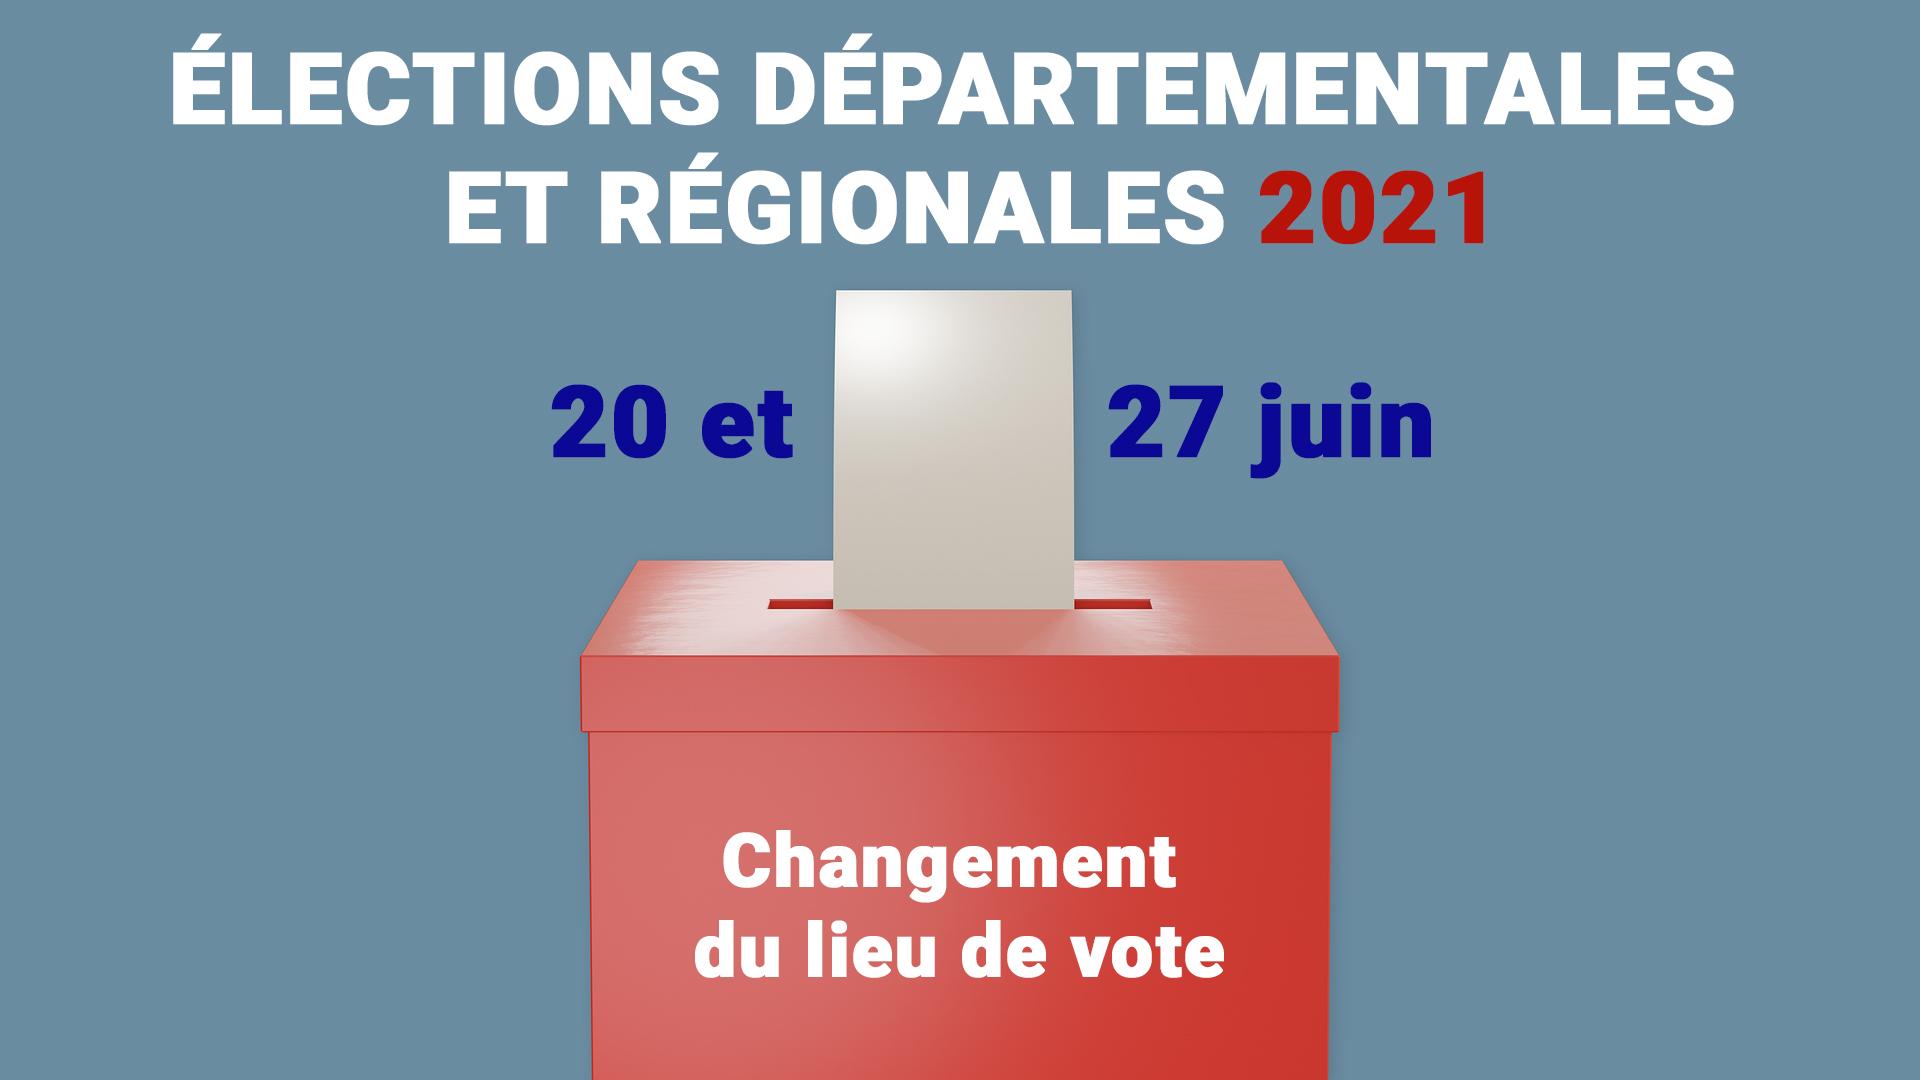 ELECTIONS DEPARTEMENTALES ET REGIONALES 20 ET 27 JUIN